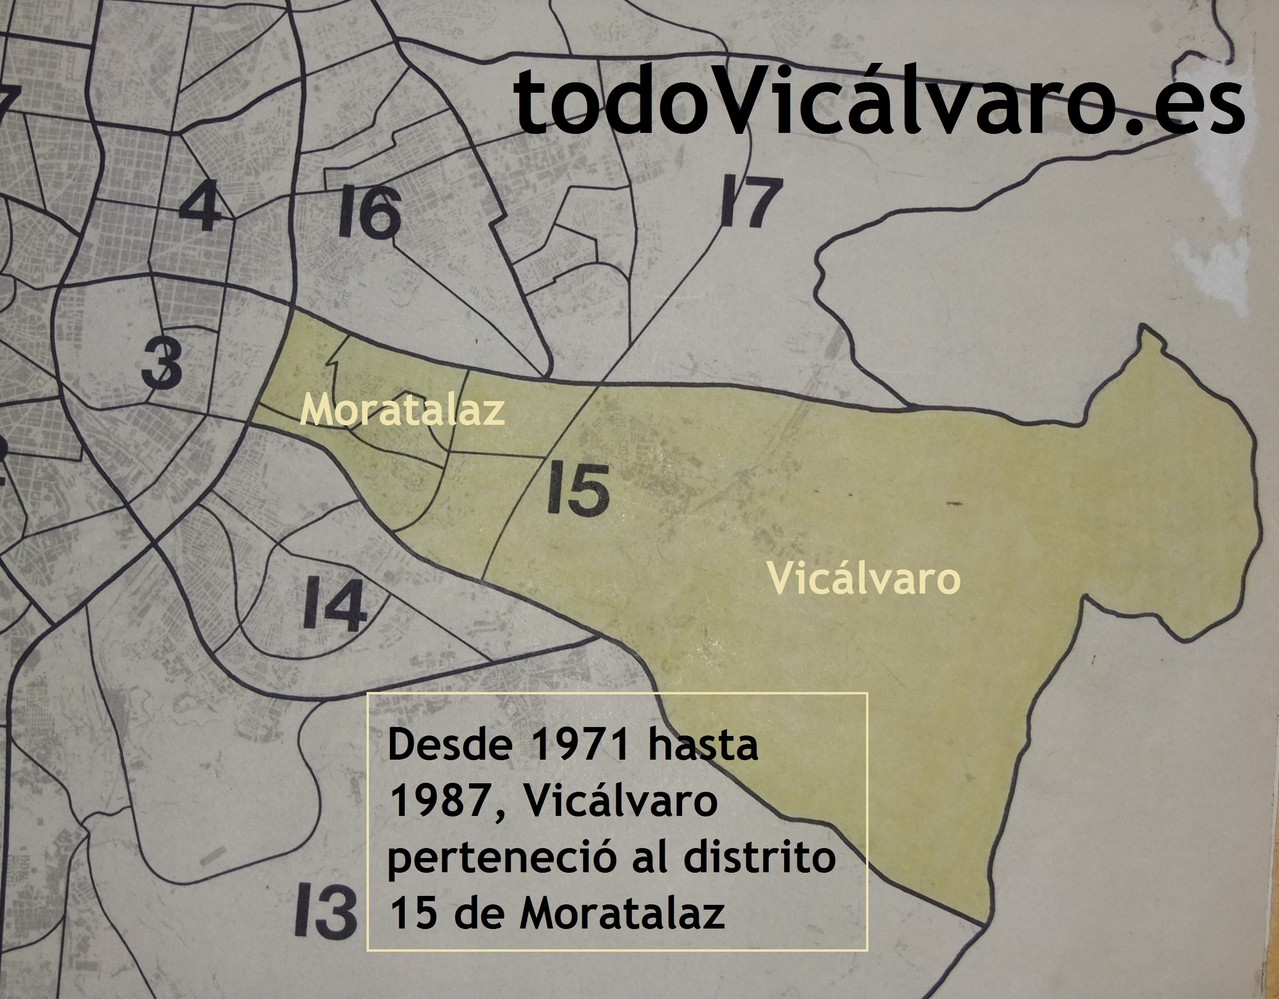 Desde 1971 hasta 1987 existió el distrito denominado Moratalaz-Vicálvaro